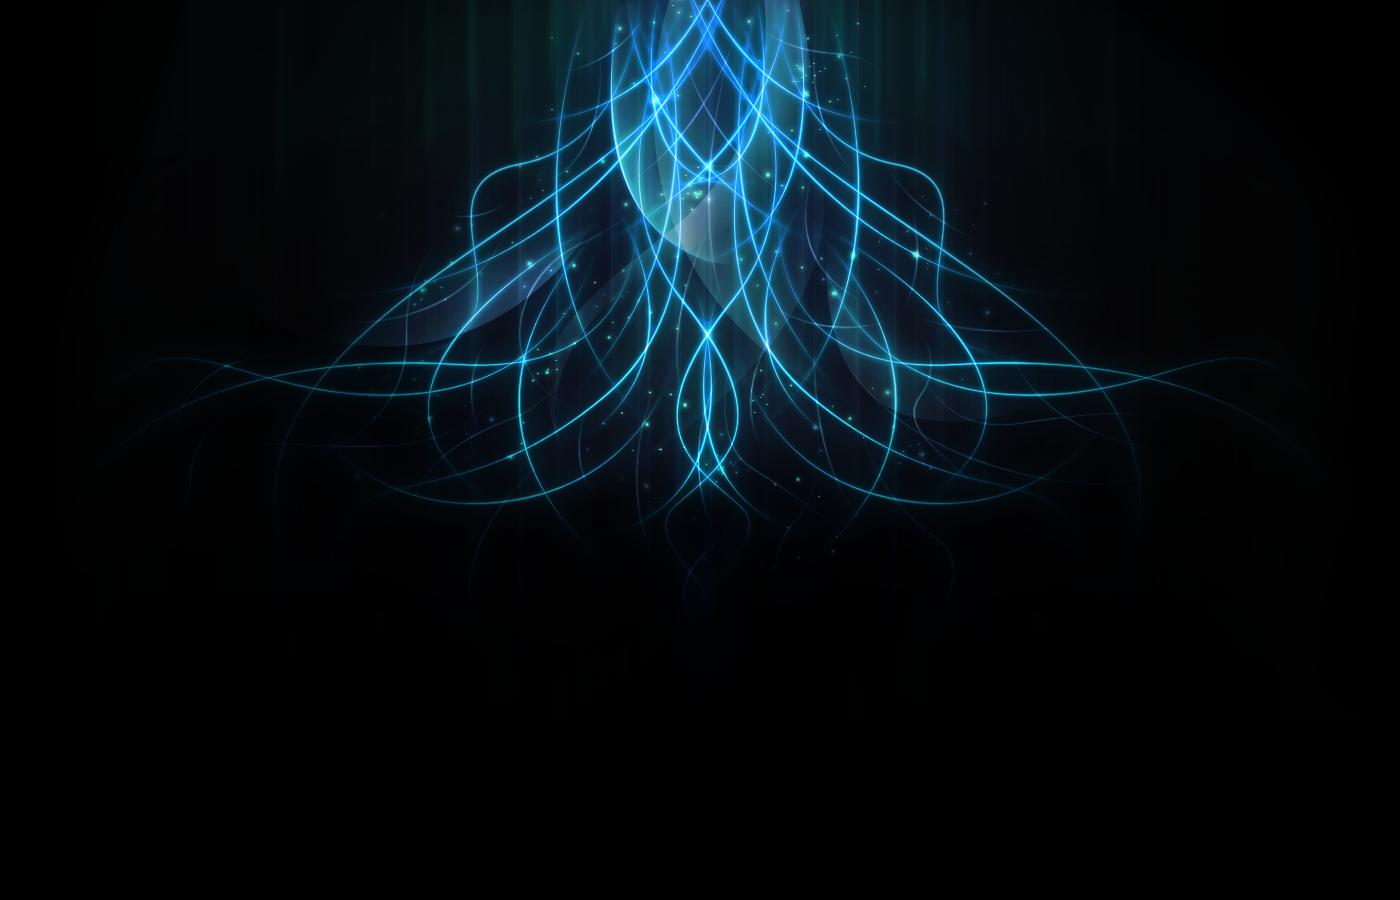 http://3.bp.blogspot.com/-s48TruJgssM/T1rJRS289RI/AAAAAAAAAFs/gE57xCYNQ2o/s1600/Aurora_Wallpaper_by_Design_Maker.png